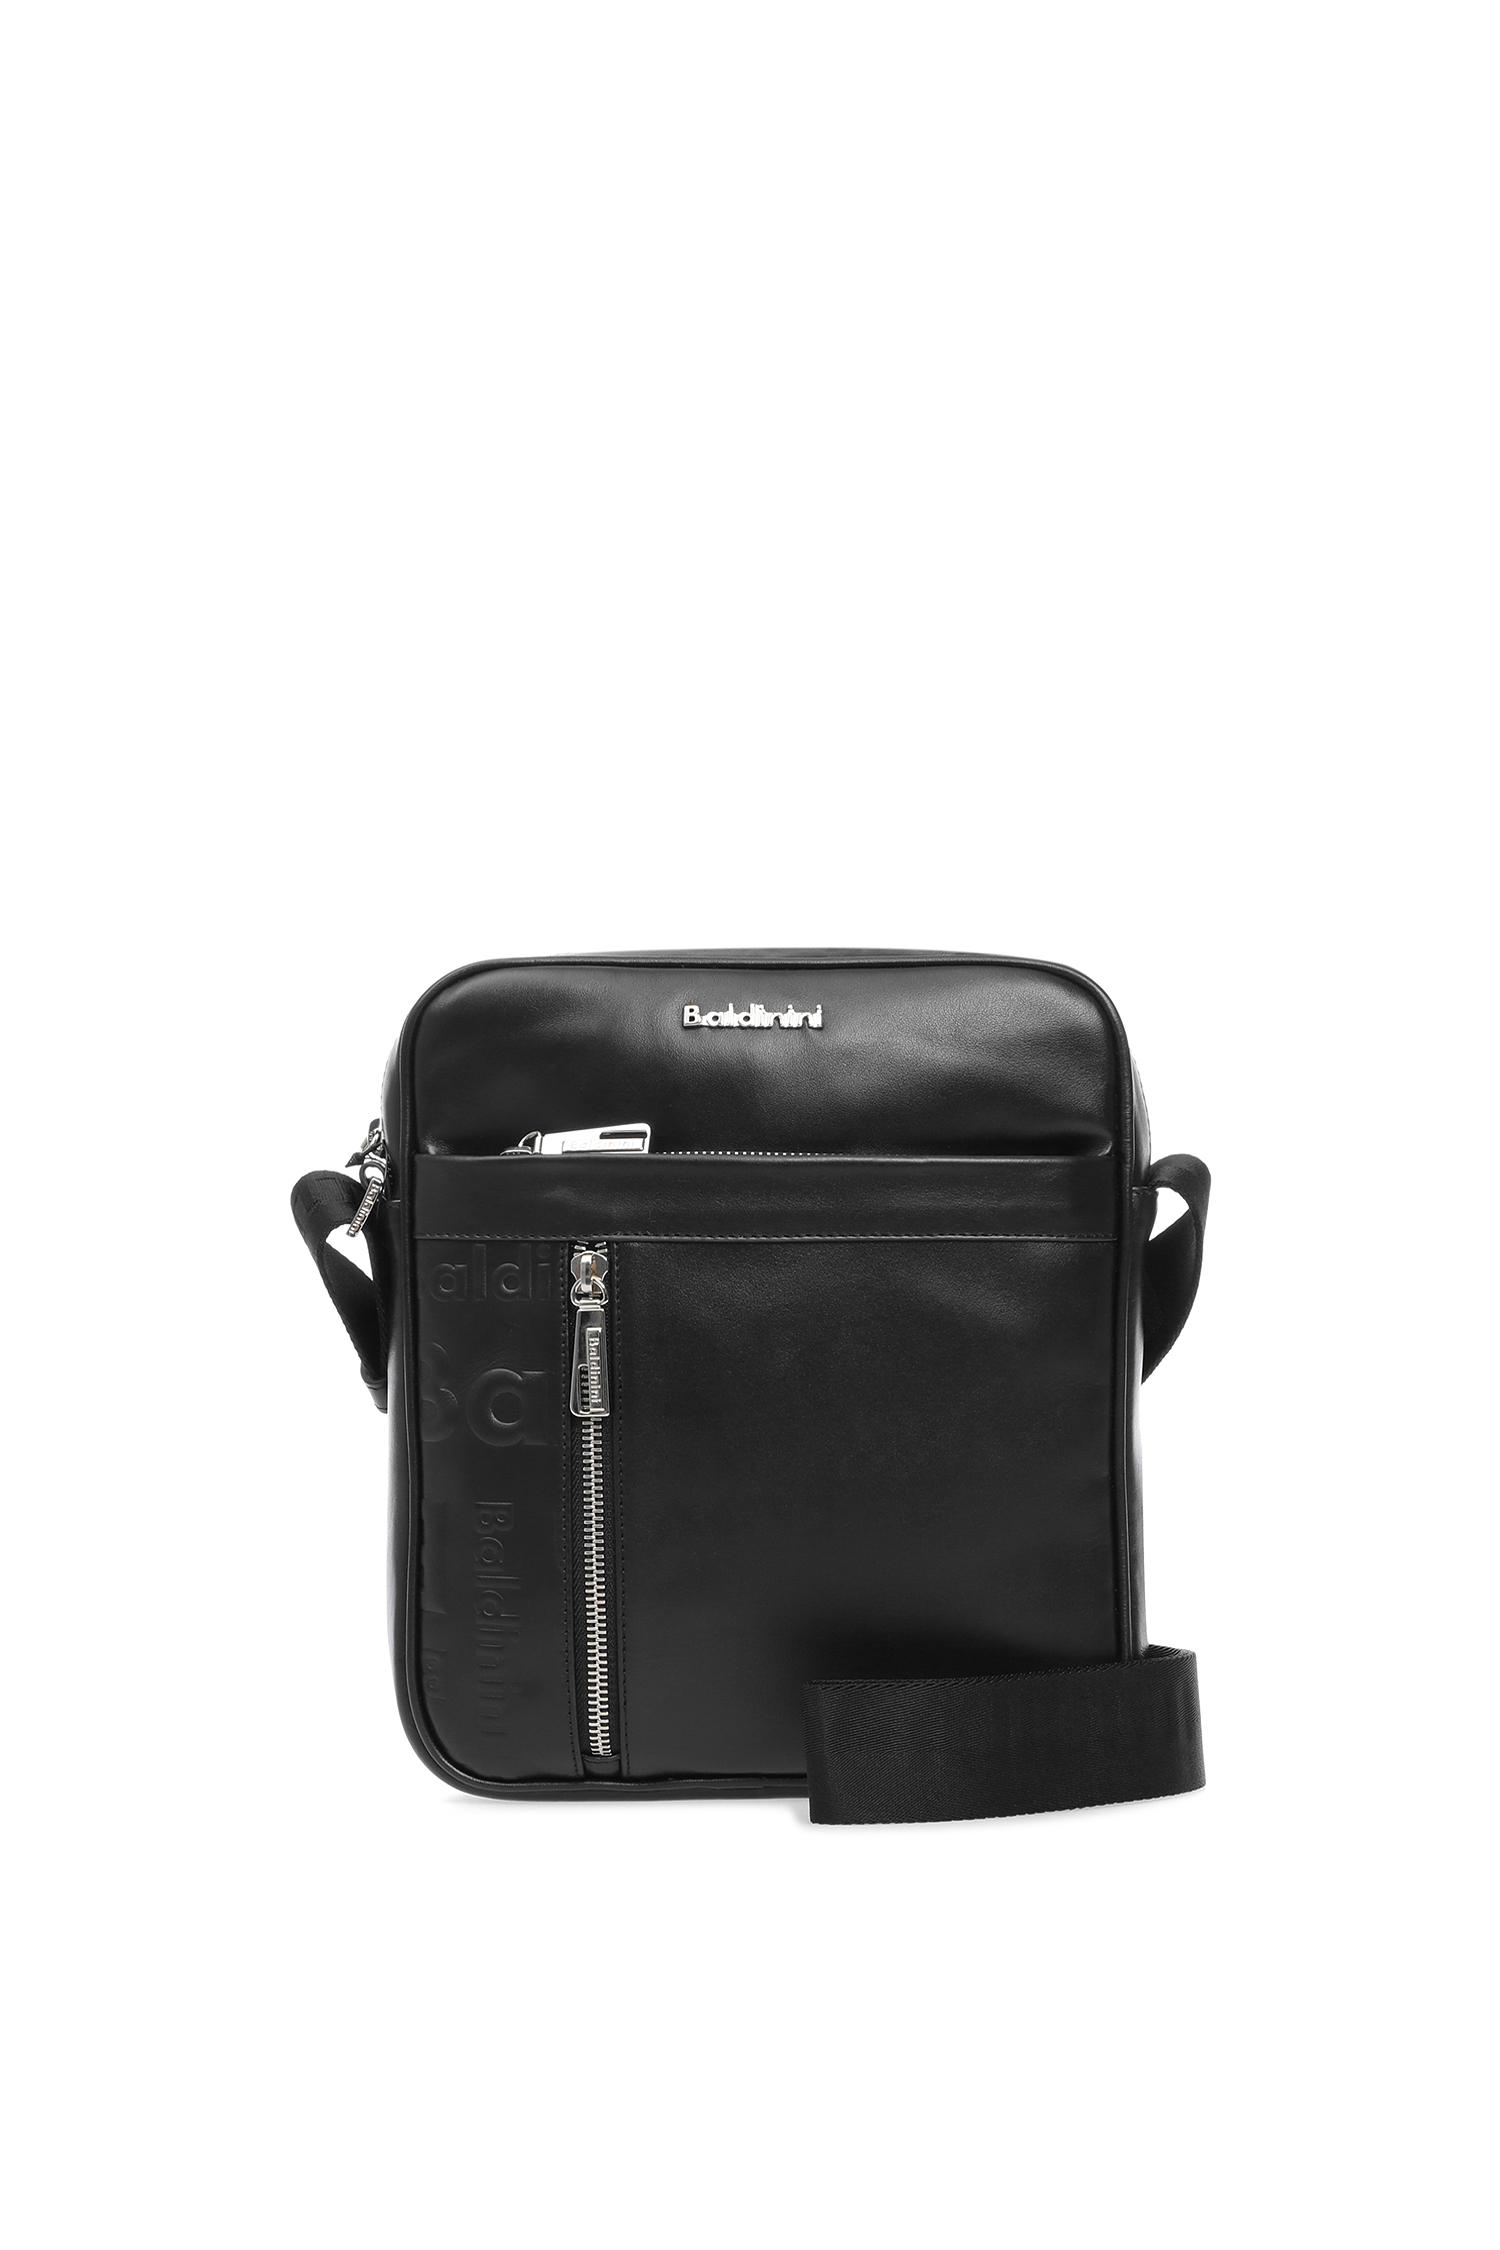 Мужская черная кожаная сумка через плечо Baldinini CA0009;00